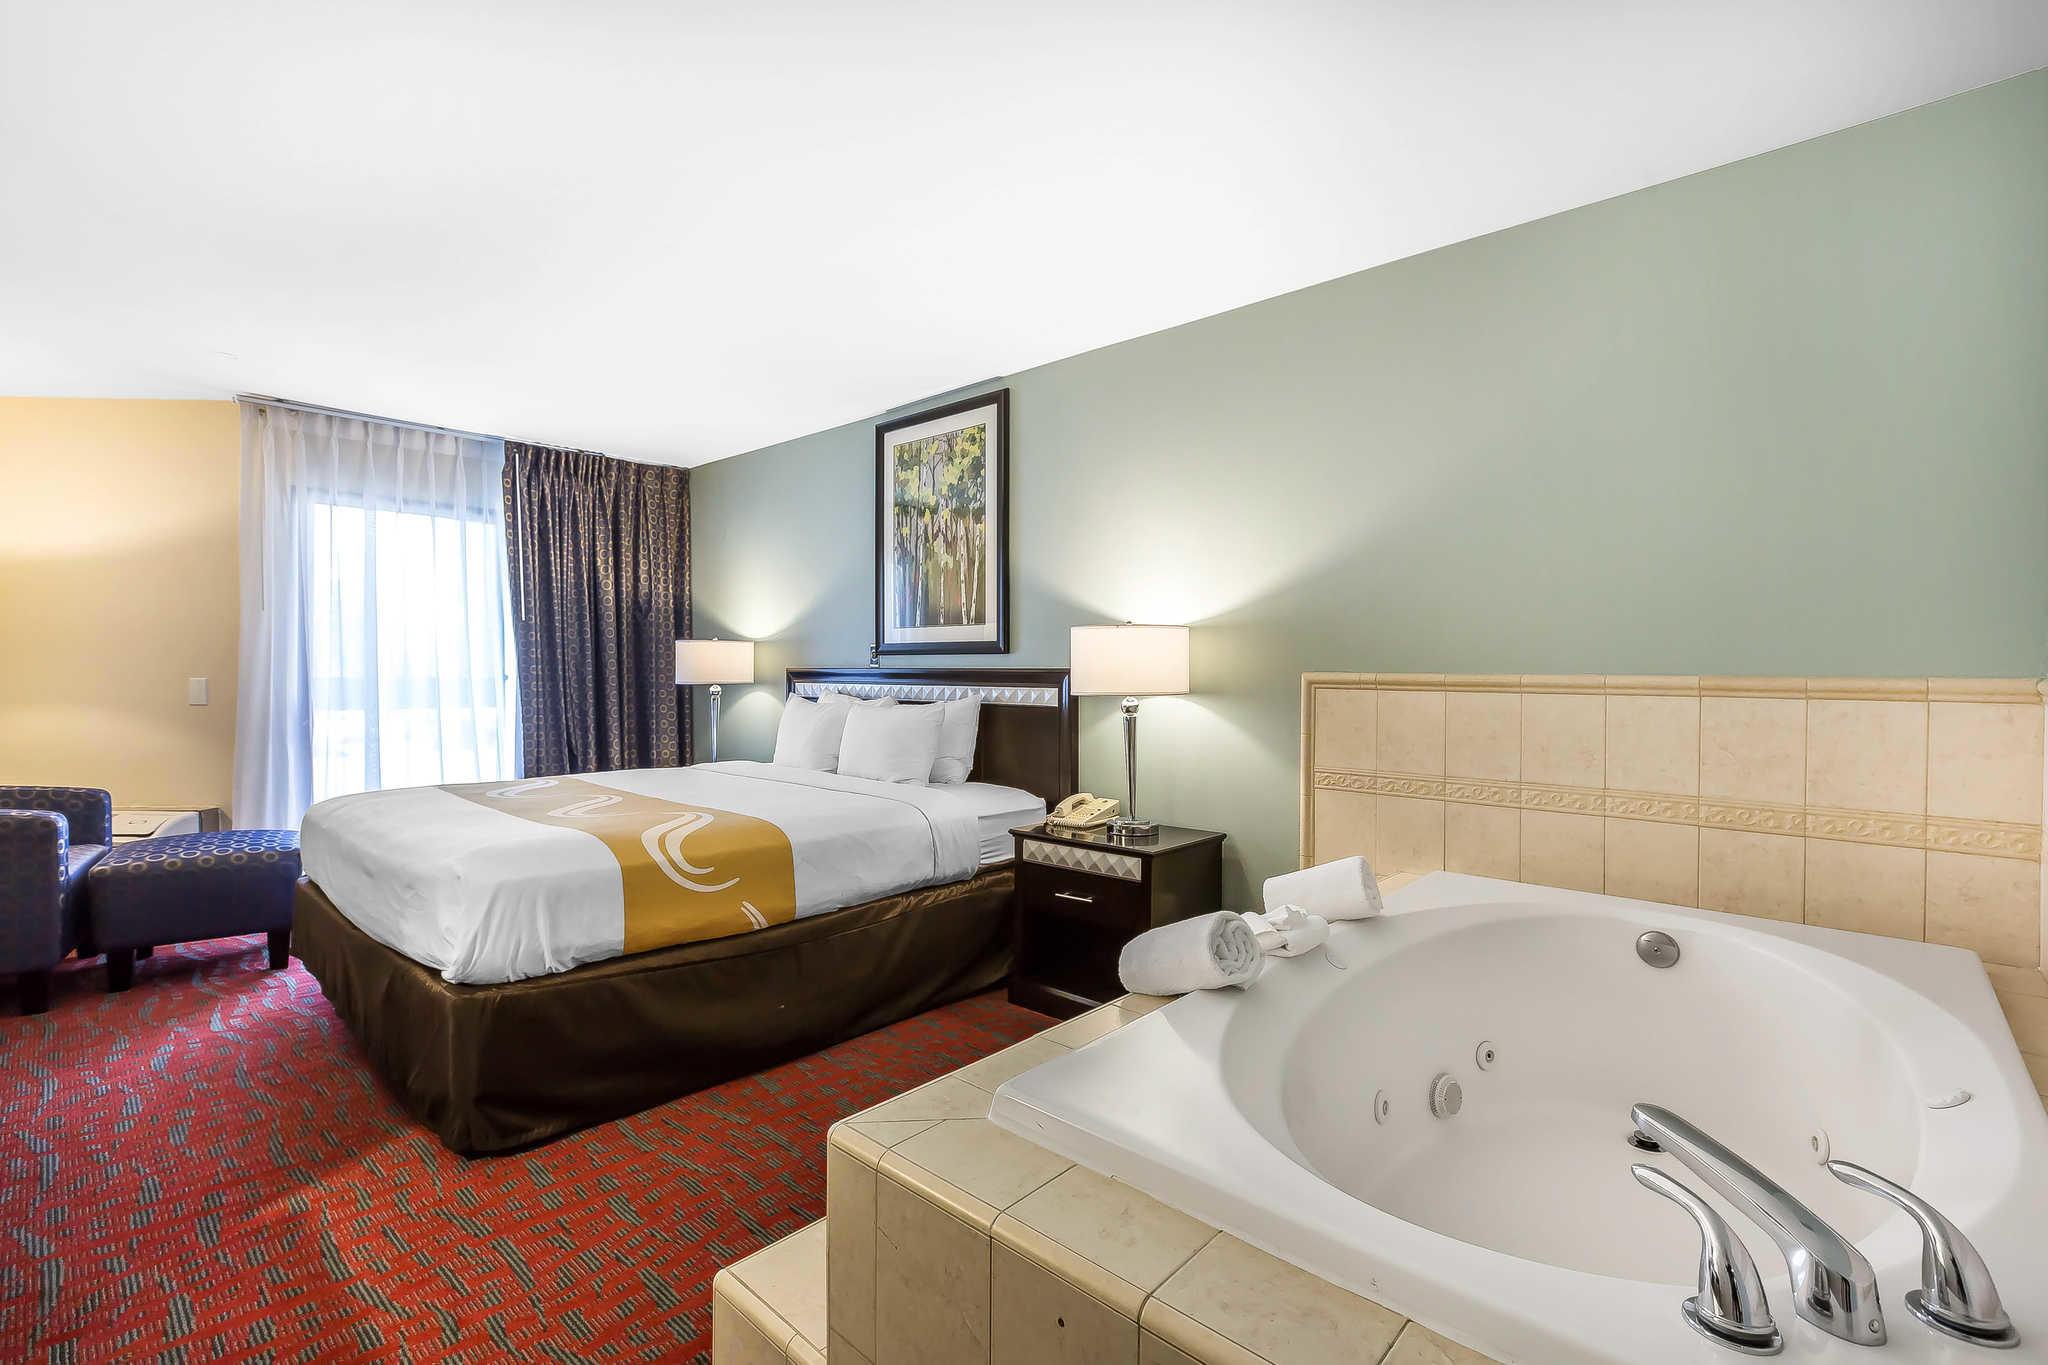 Quality Inn & Suites Irvine Spectrum image 15